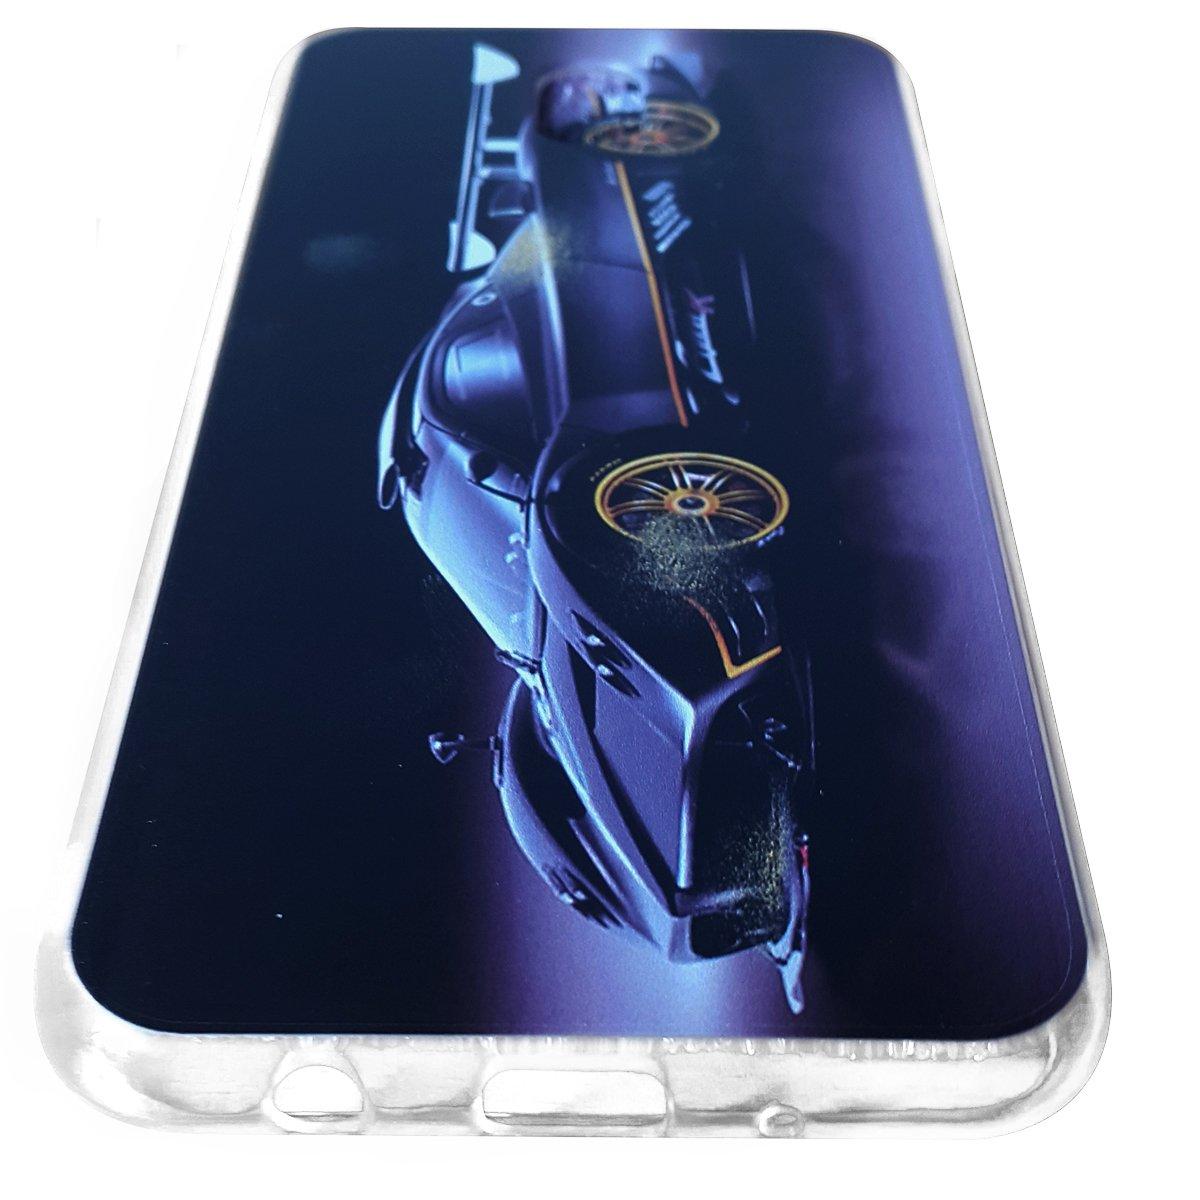 Ốp lưng Samsung Galaxy J7 Pro Tuxedo hình siêu xe (chất liệu nhựa dẻo đàn hồi, chống bụi, chống xước)